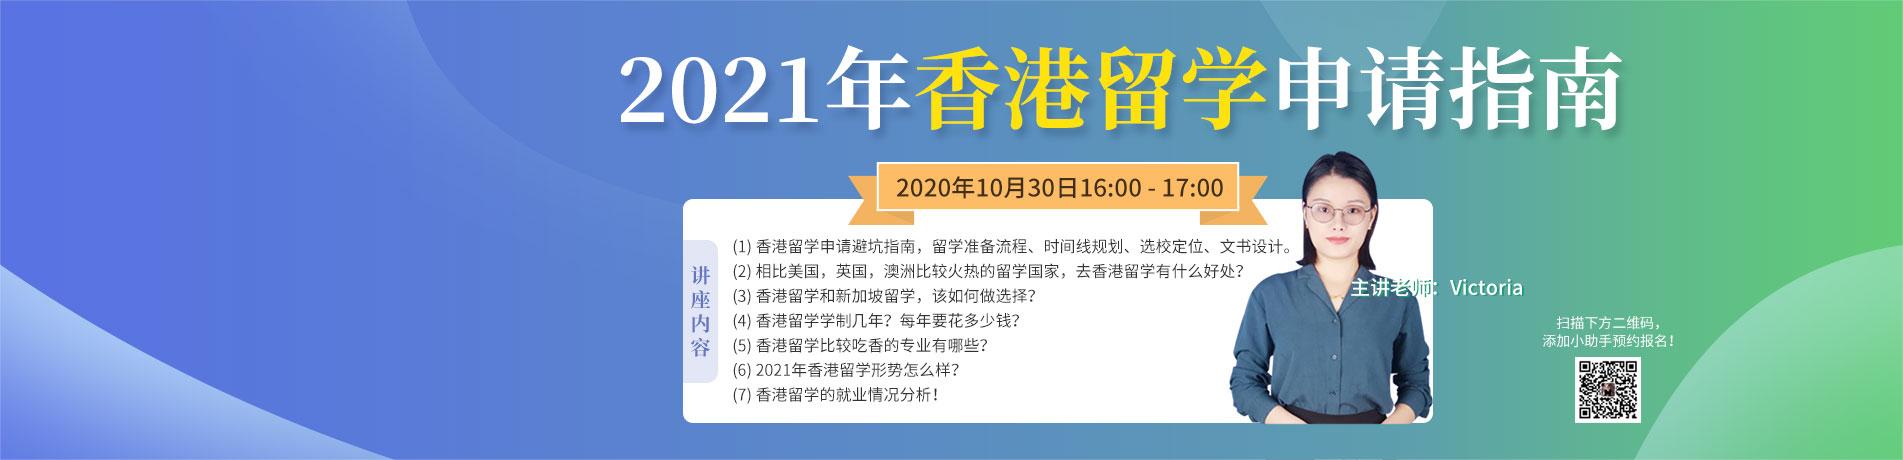 Fedora 2021年香港留学讲座